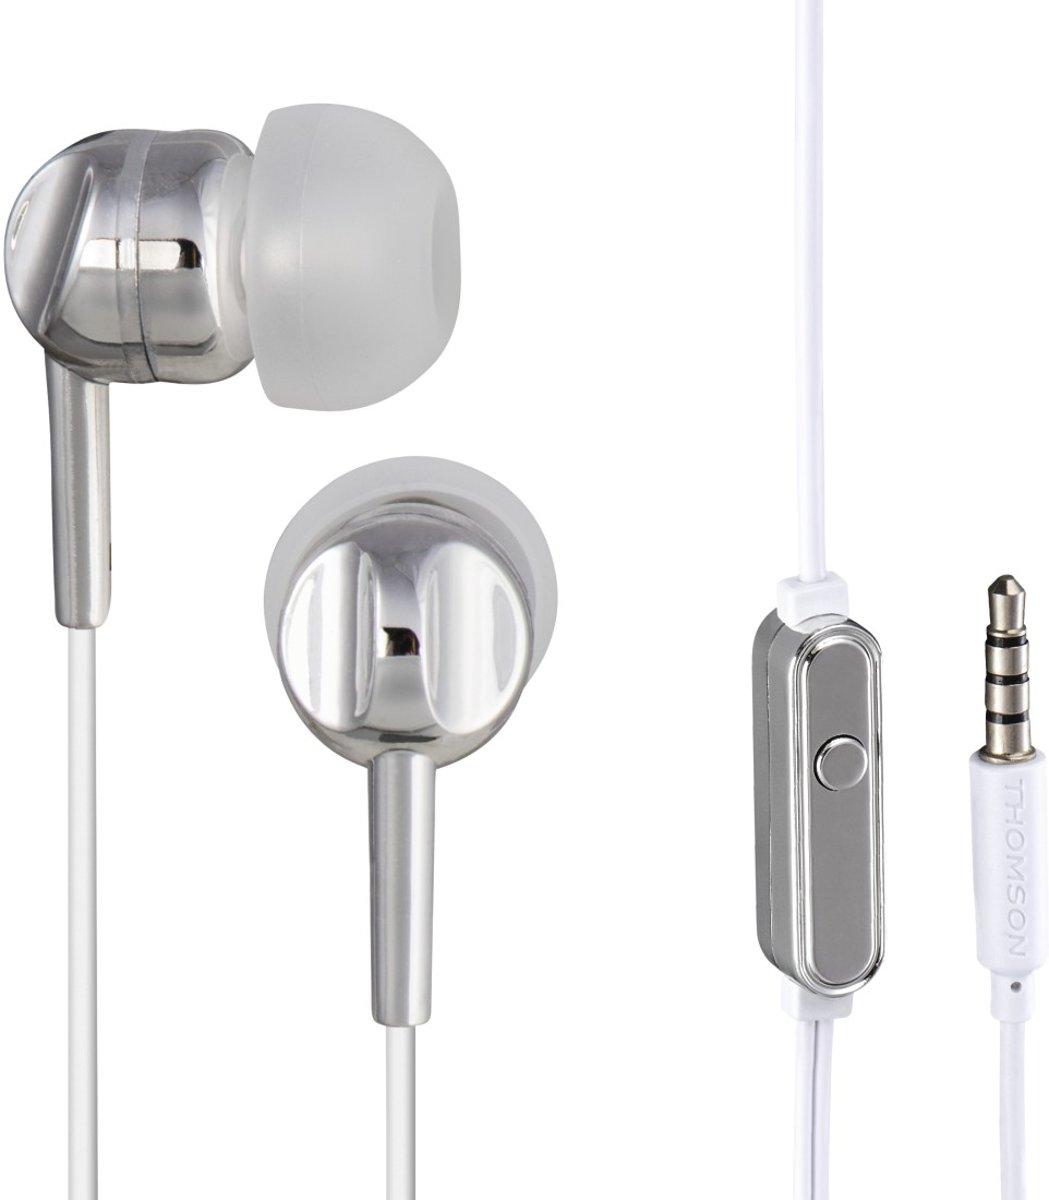 Thomson hoodftelefoon in-ear EAR3025 zilver kopen